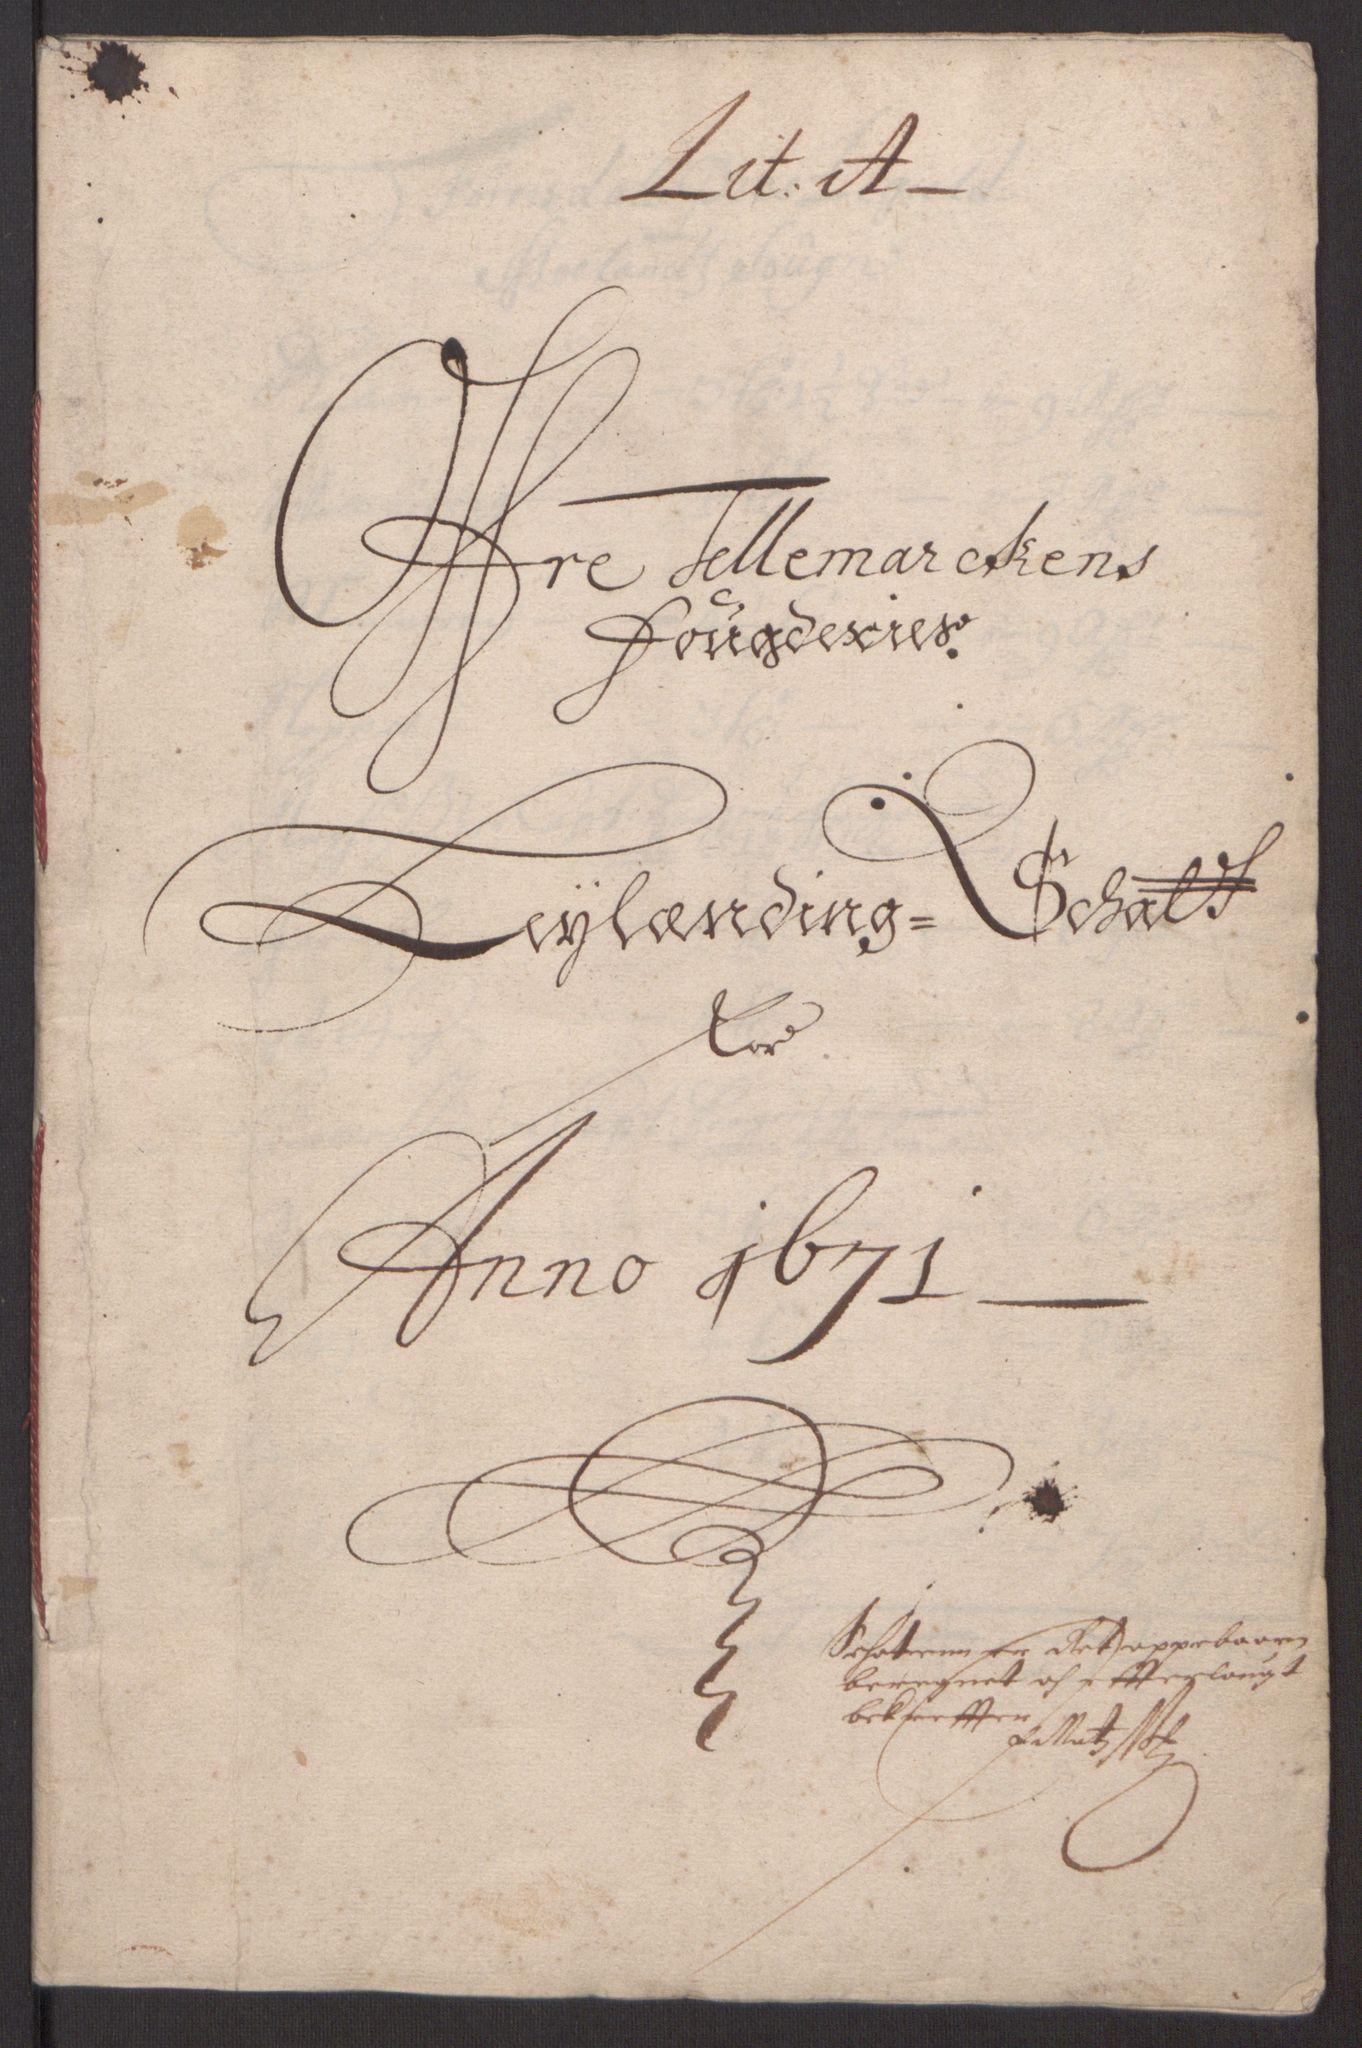 RA, Rentekammeret inntil 1814, Reviderte regnskaper, Fogderegnskap, R35/L2060: Fogderegnskap Øvre og Nedre Telemark, 1671-1672, s. 5